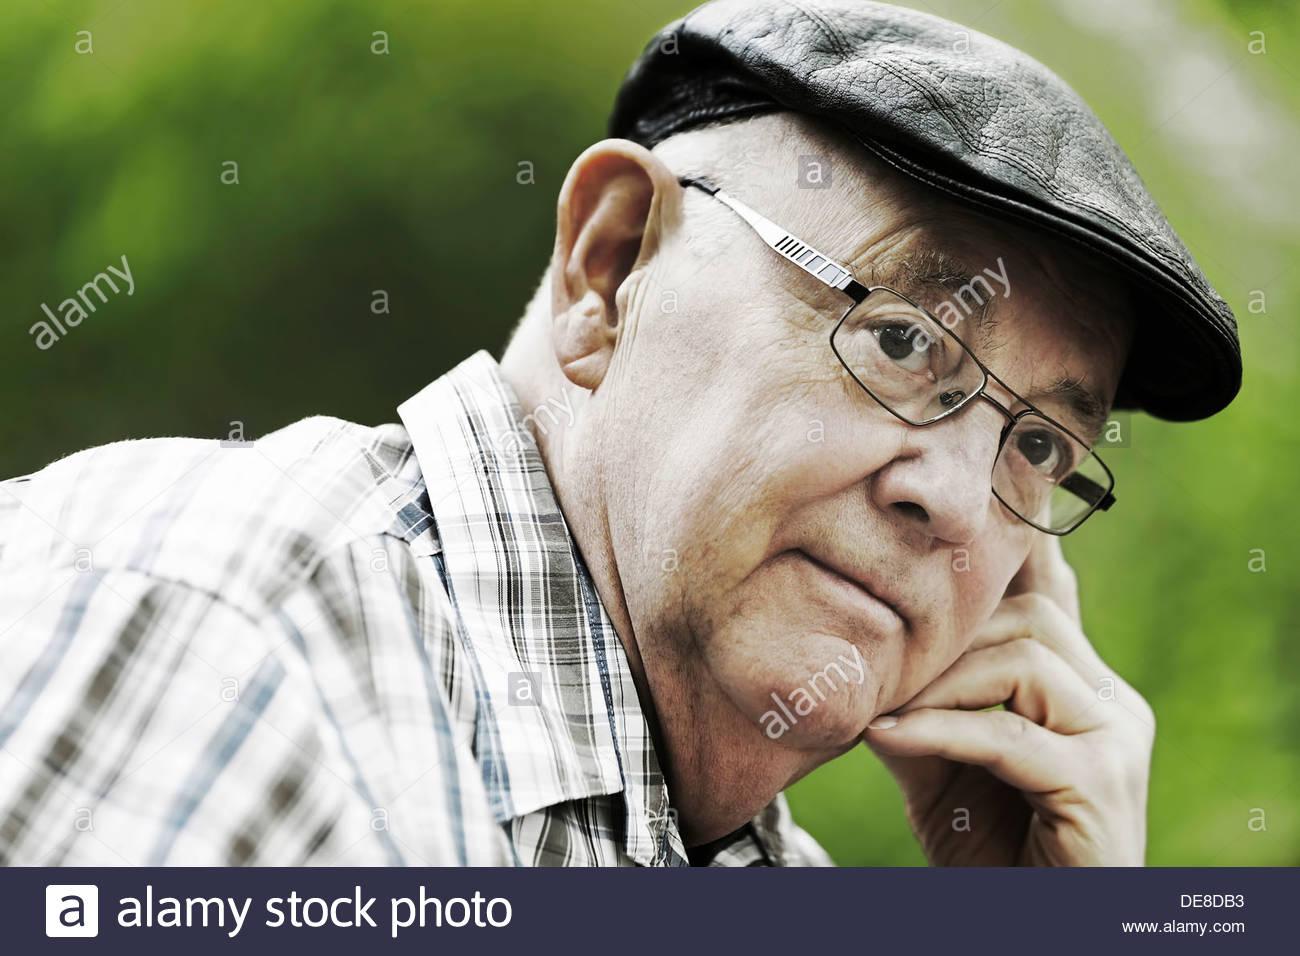 Deutschland, Nordrhein-Westfalen, Köln, Senior Mann mit Mütze und Brille im Park, Nahaufnahme Stockfoto